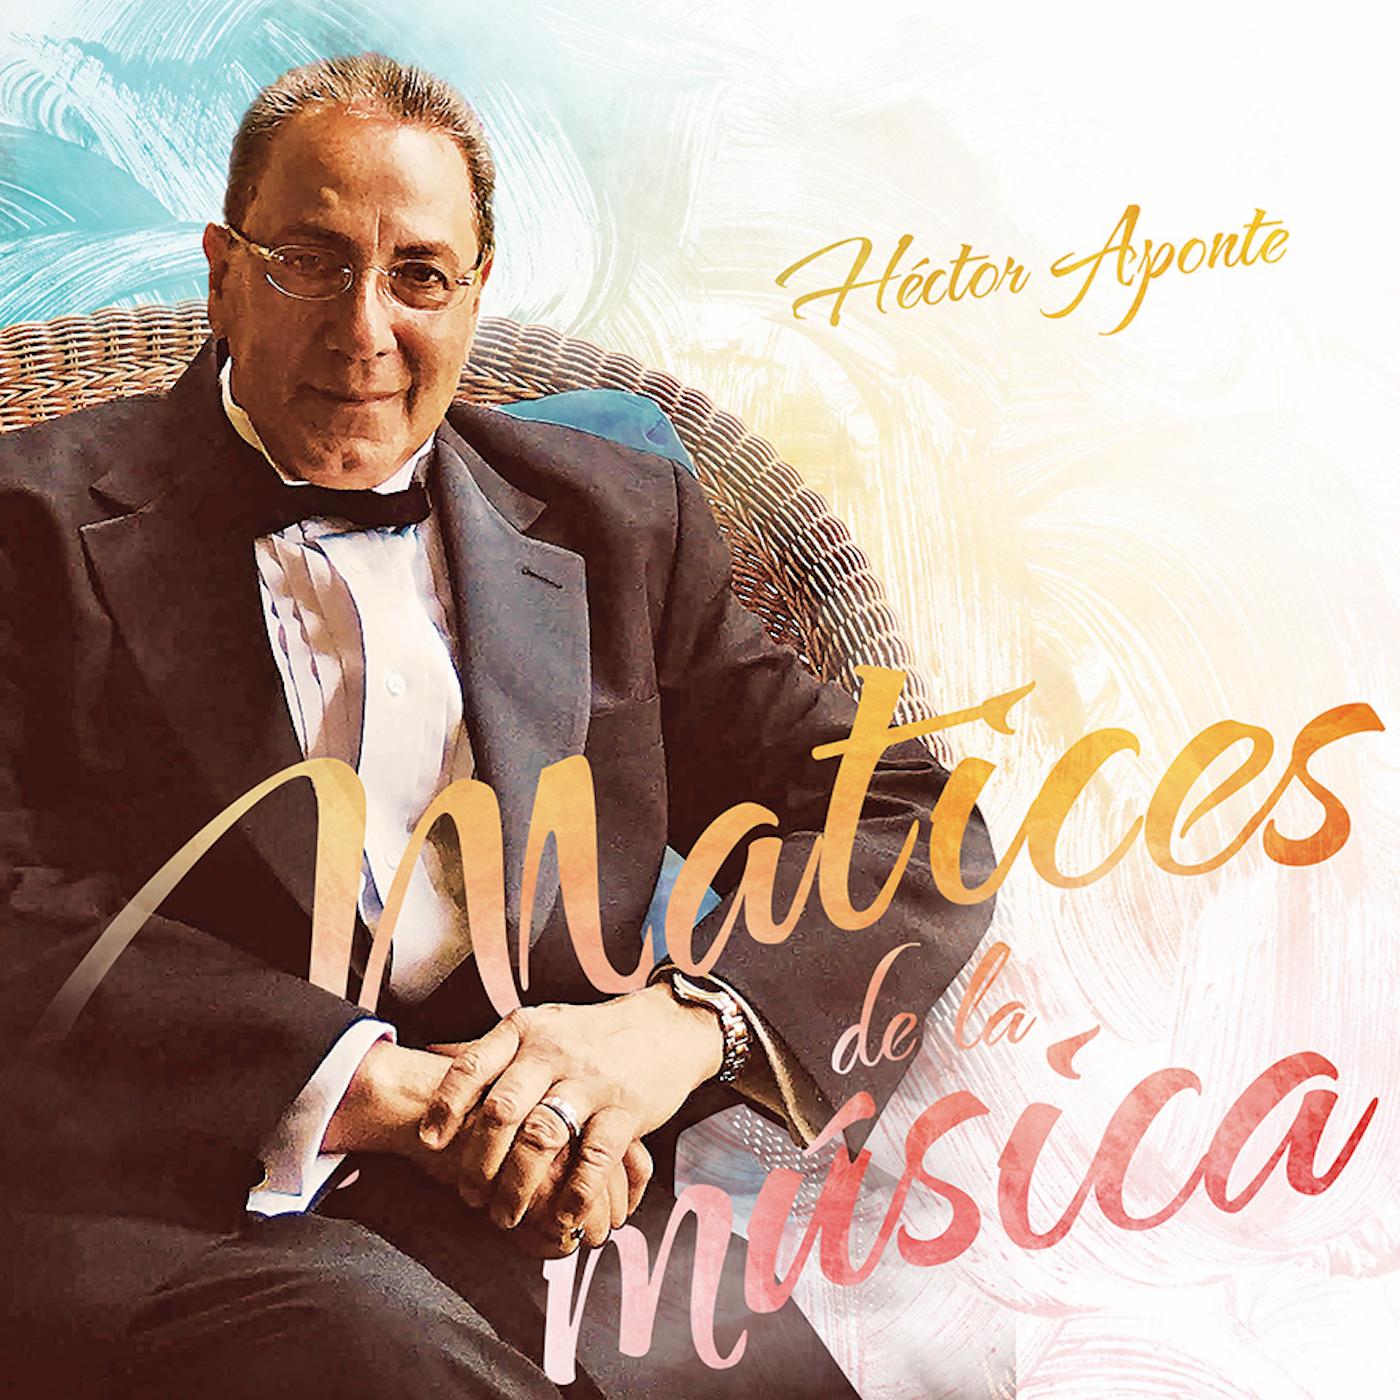 Hector Aponte - Matices de la Musica